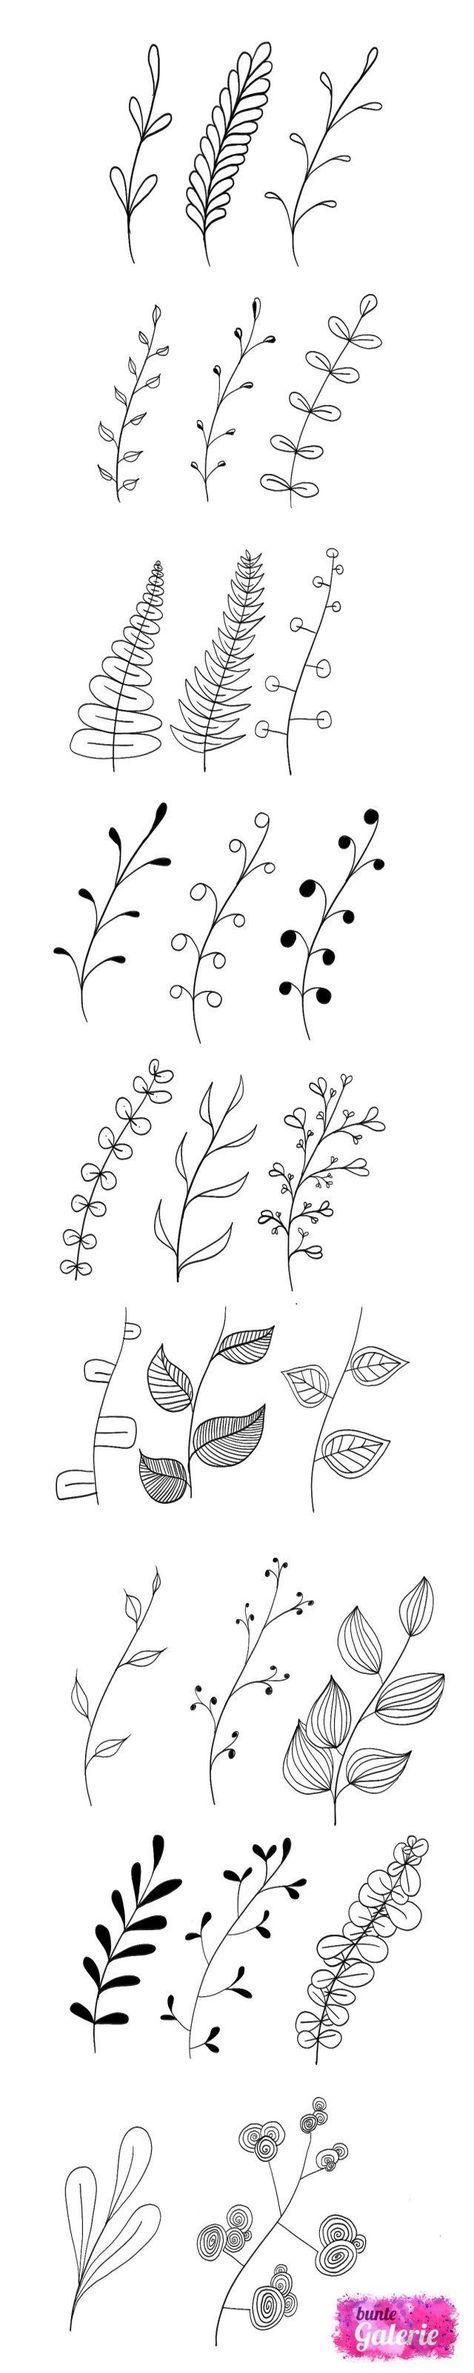 Hand zeichnen florale Elemente | Perfekt für Bullet Journals und Planer Kritzeleien | Ideen für Skizzenbücher